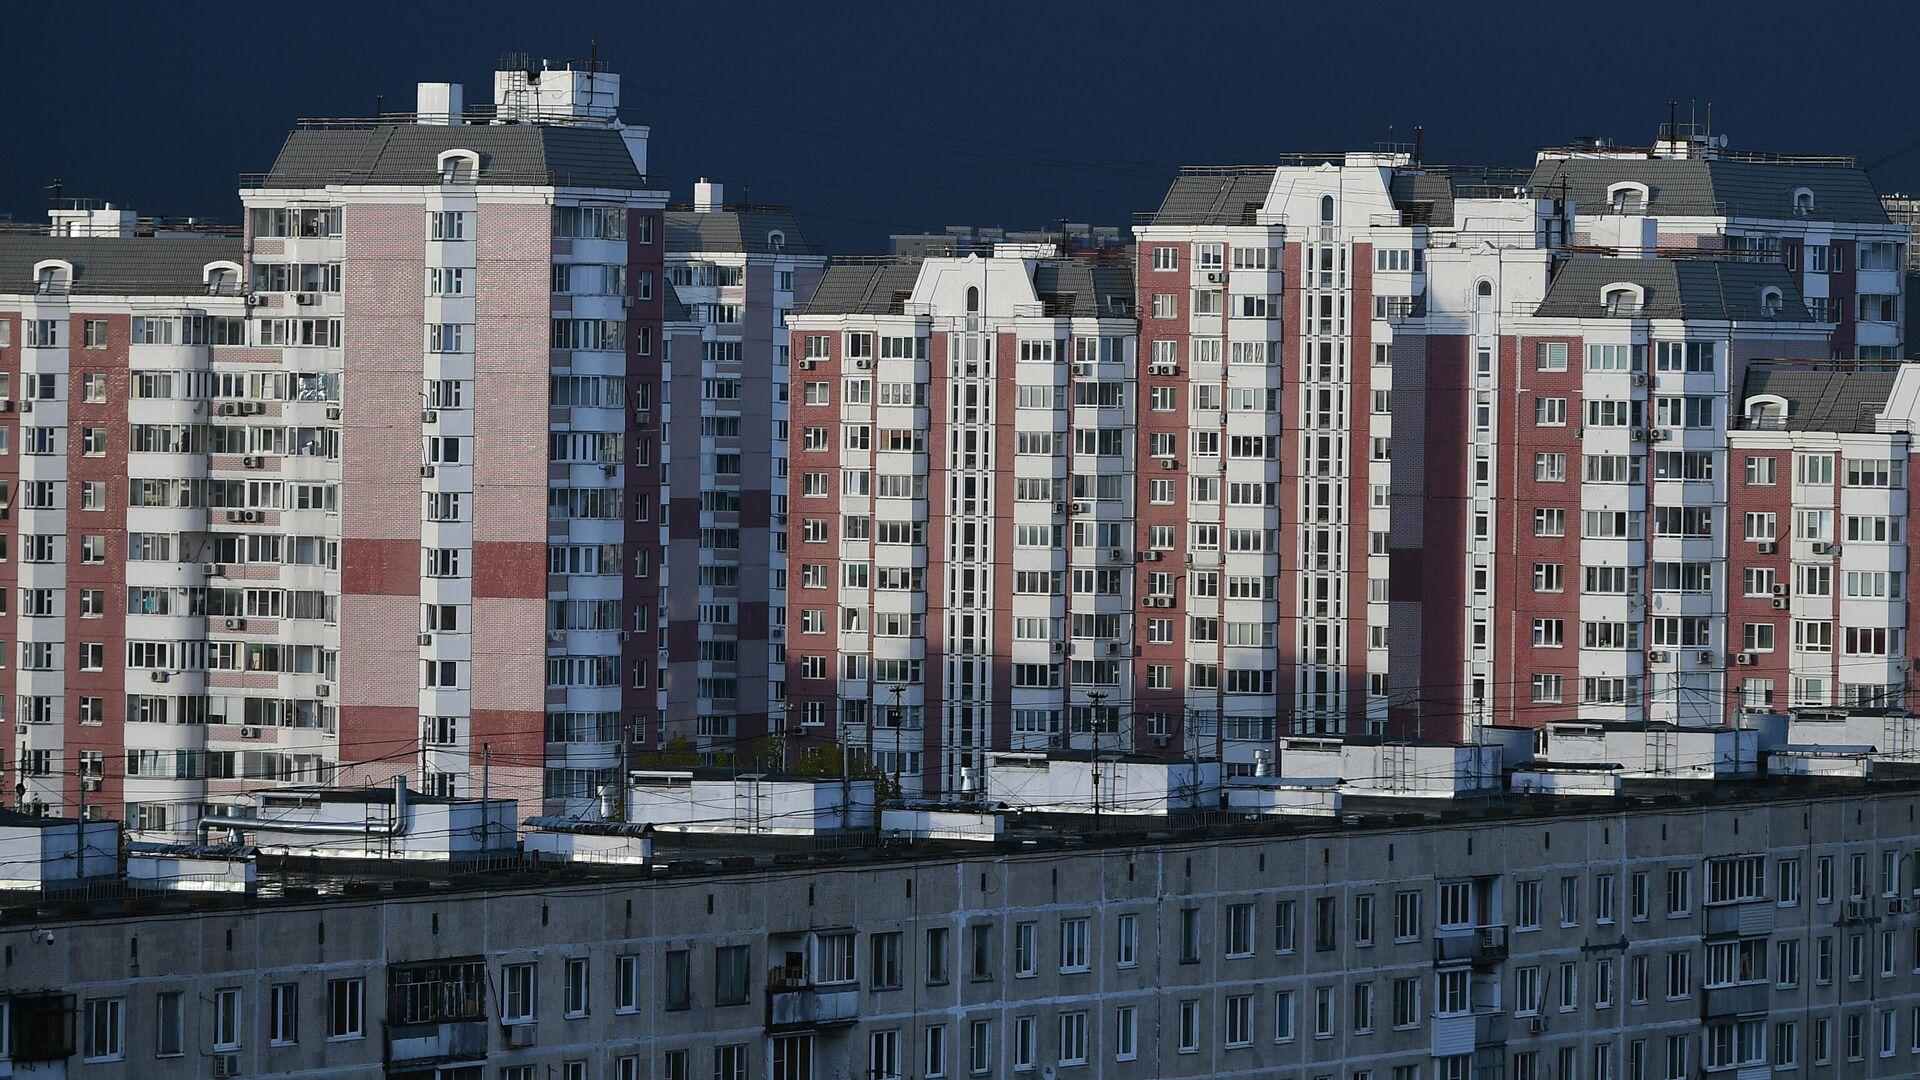 Жилые дома на Химкинском бульваре в Москве - РИА Новости, 1920, 08.04.2021